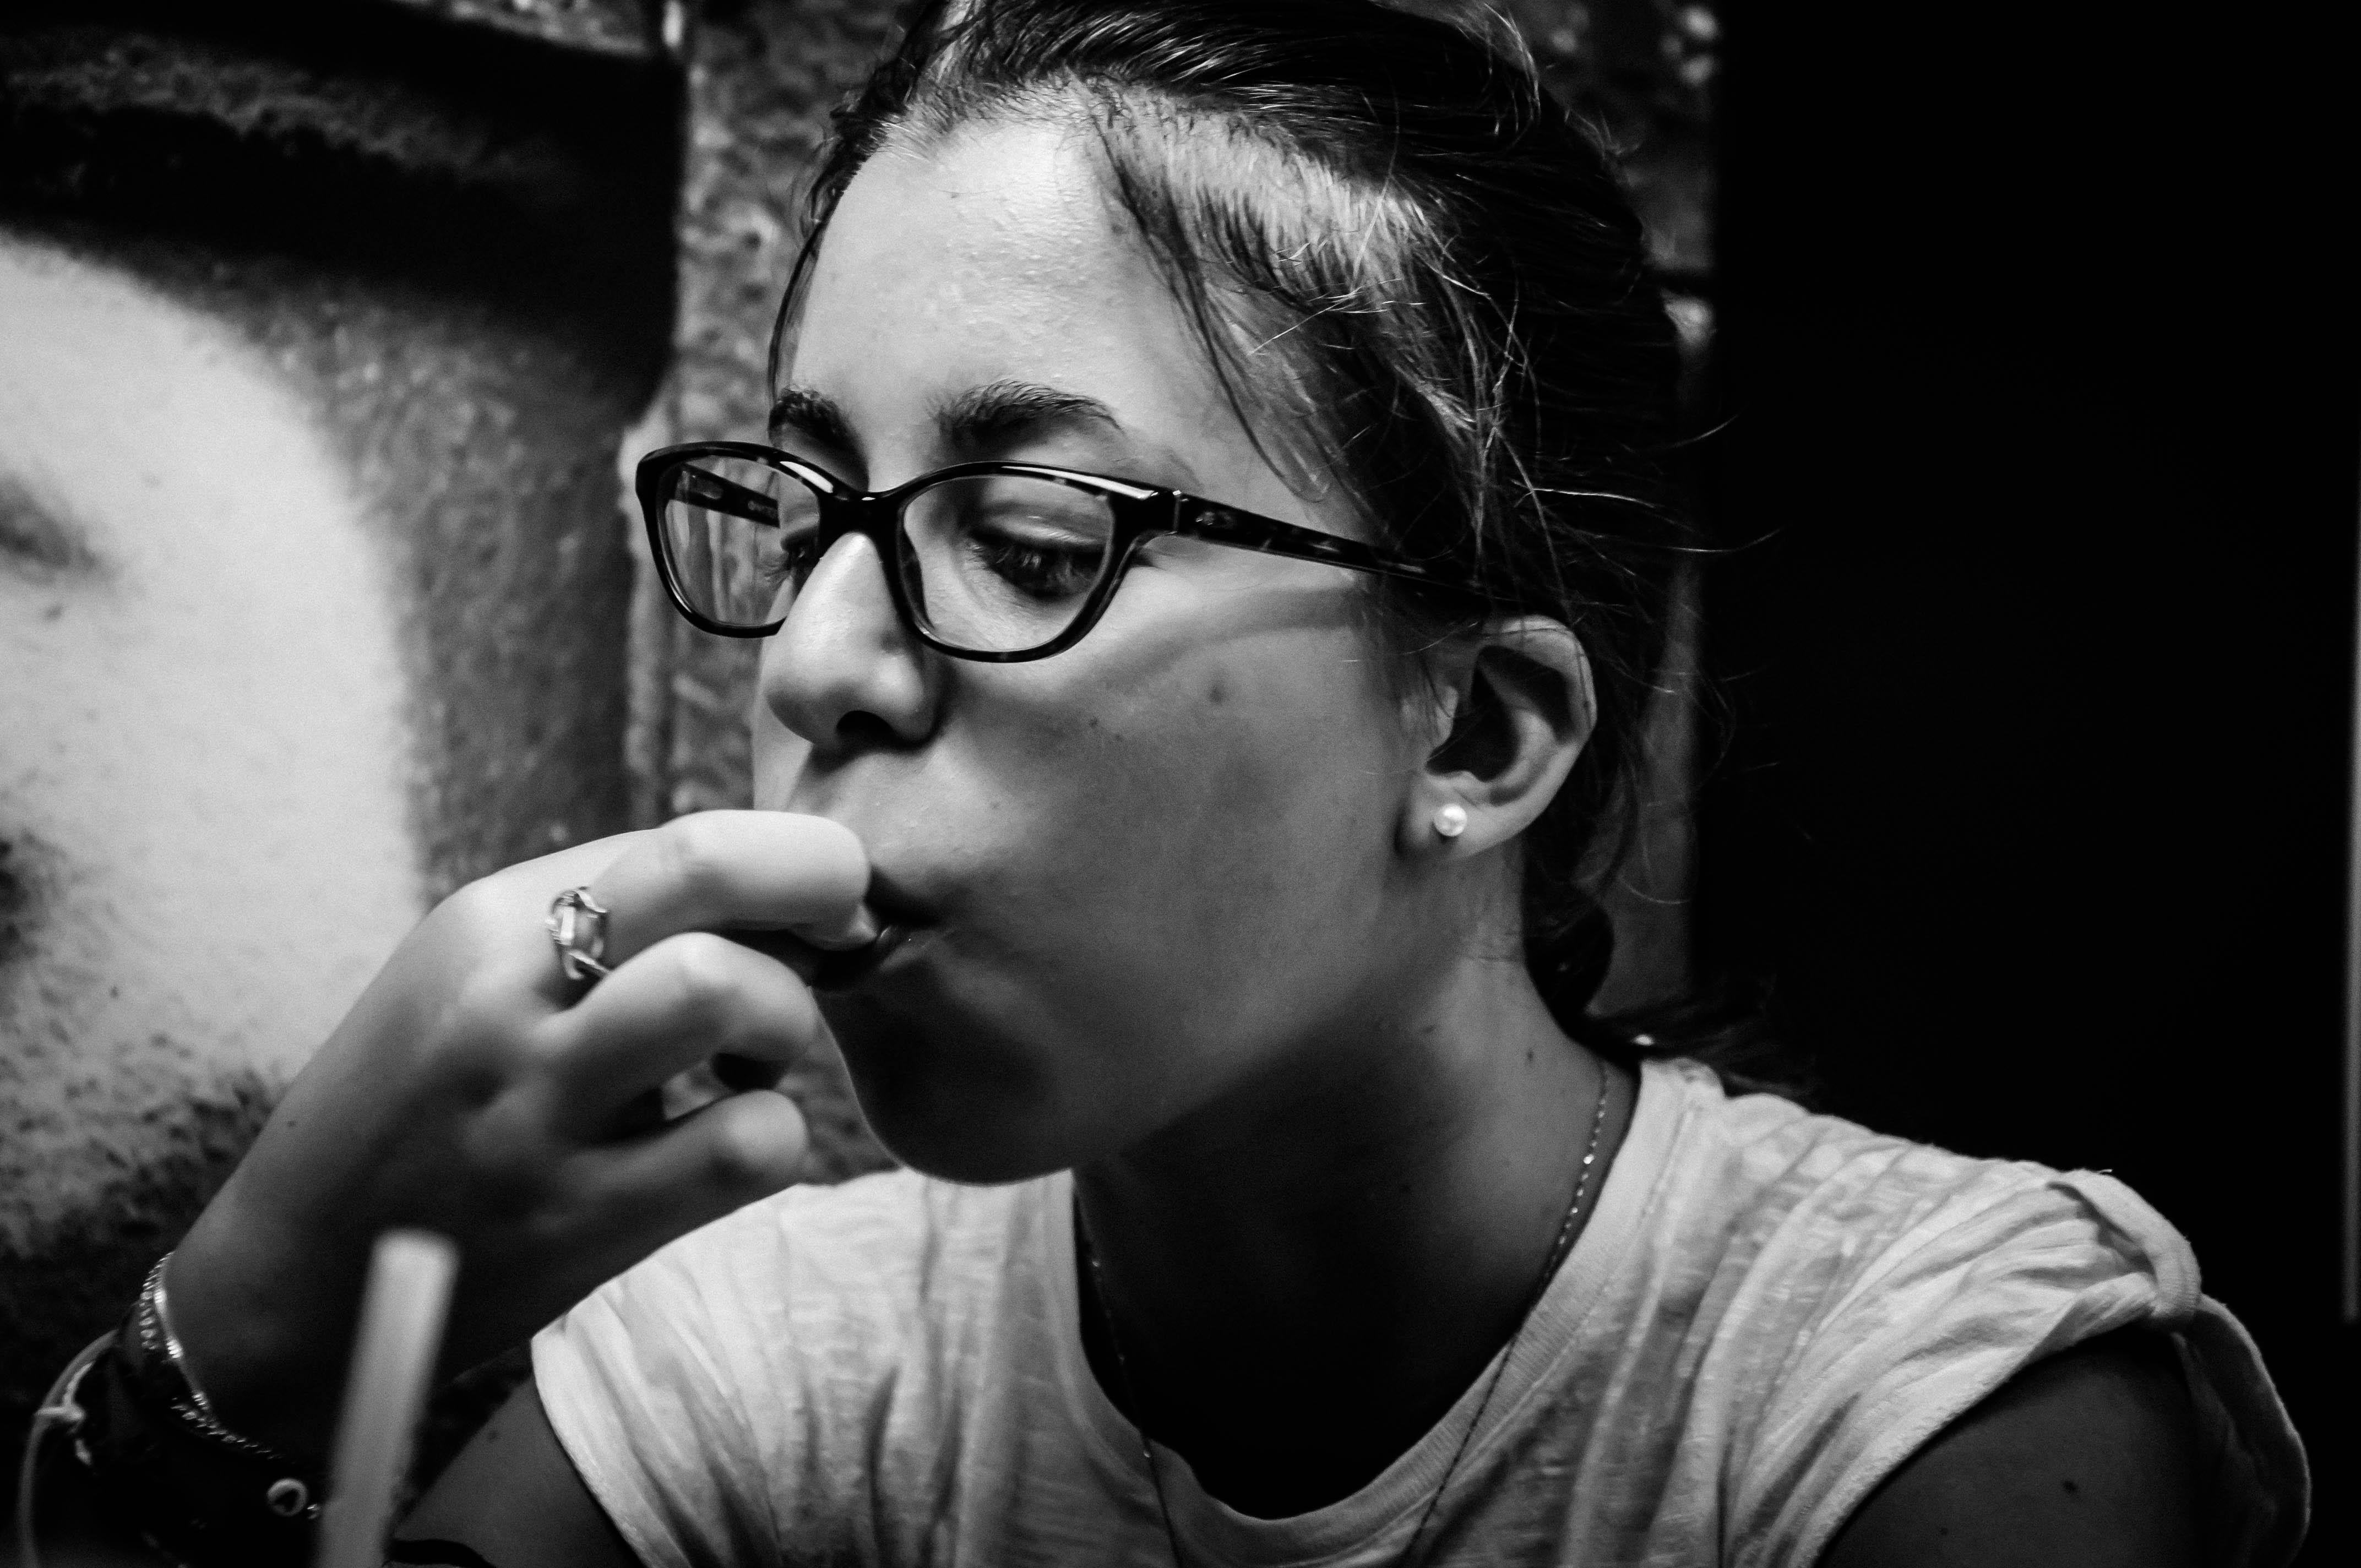 Flickr - Ritratto di giovane amante di hamburger.jpg.jpg.jpg